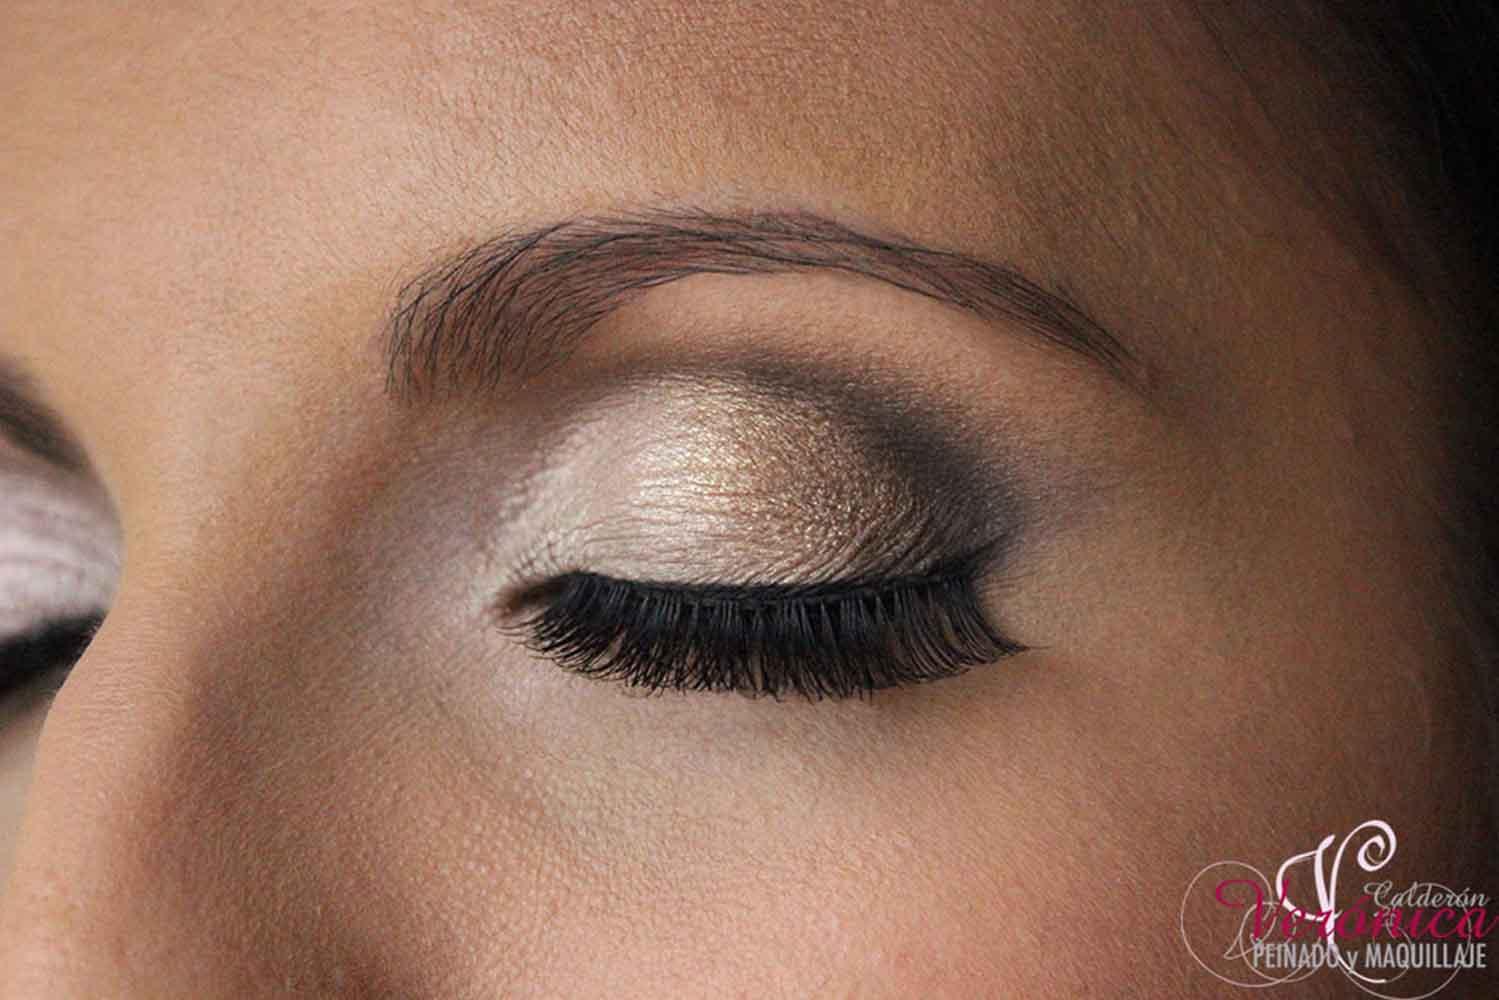 maquillaje ojos sombras doradas negras domicilio Verónica Calderón